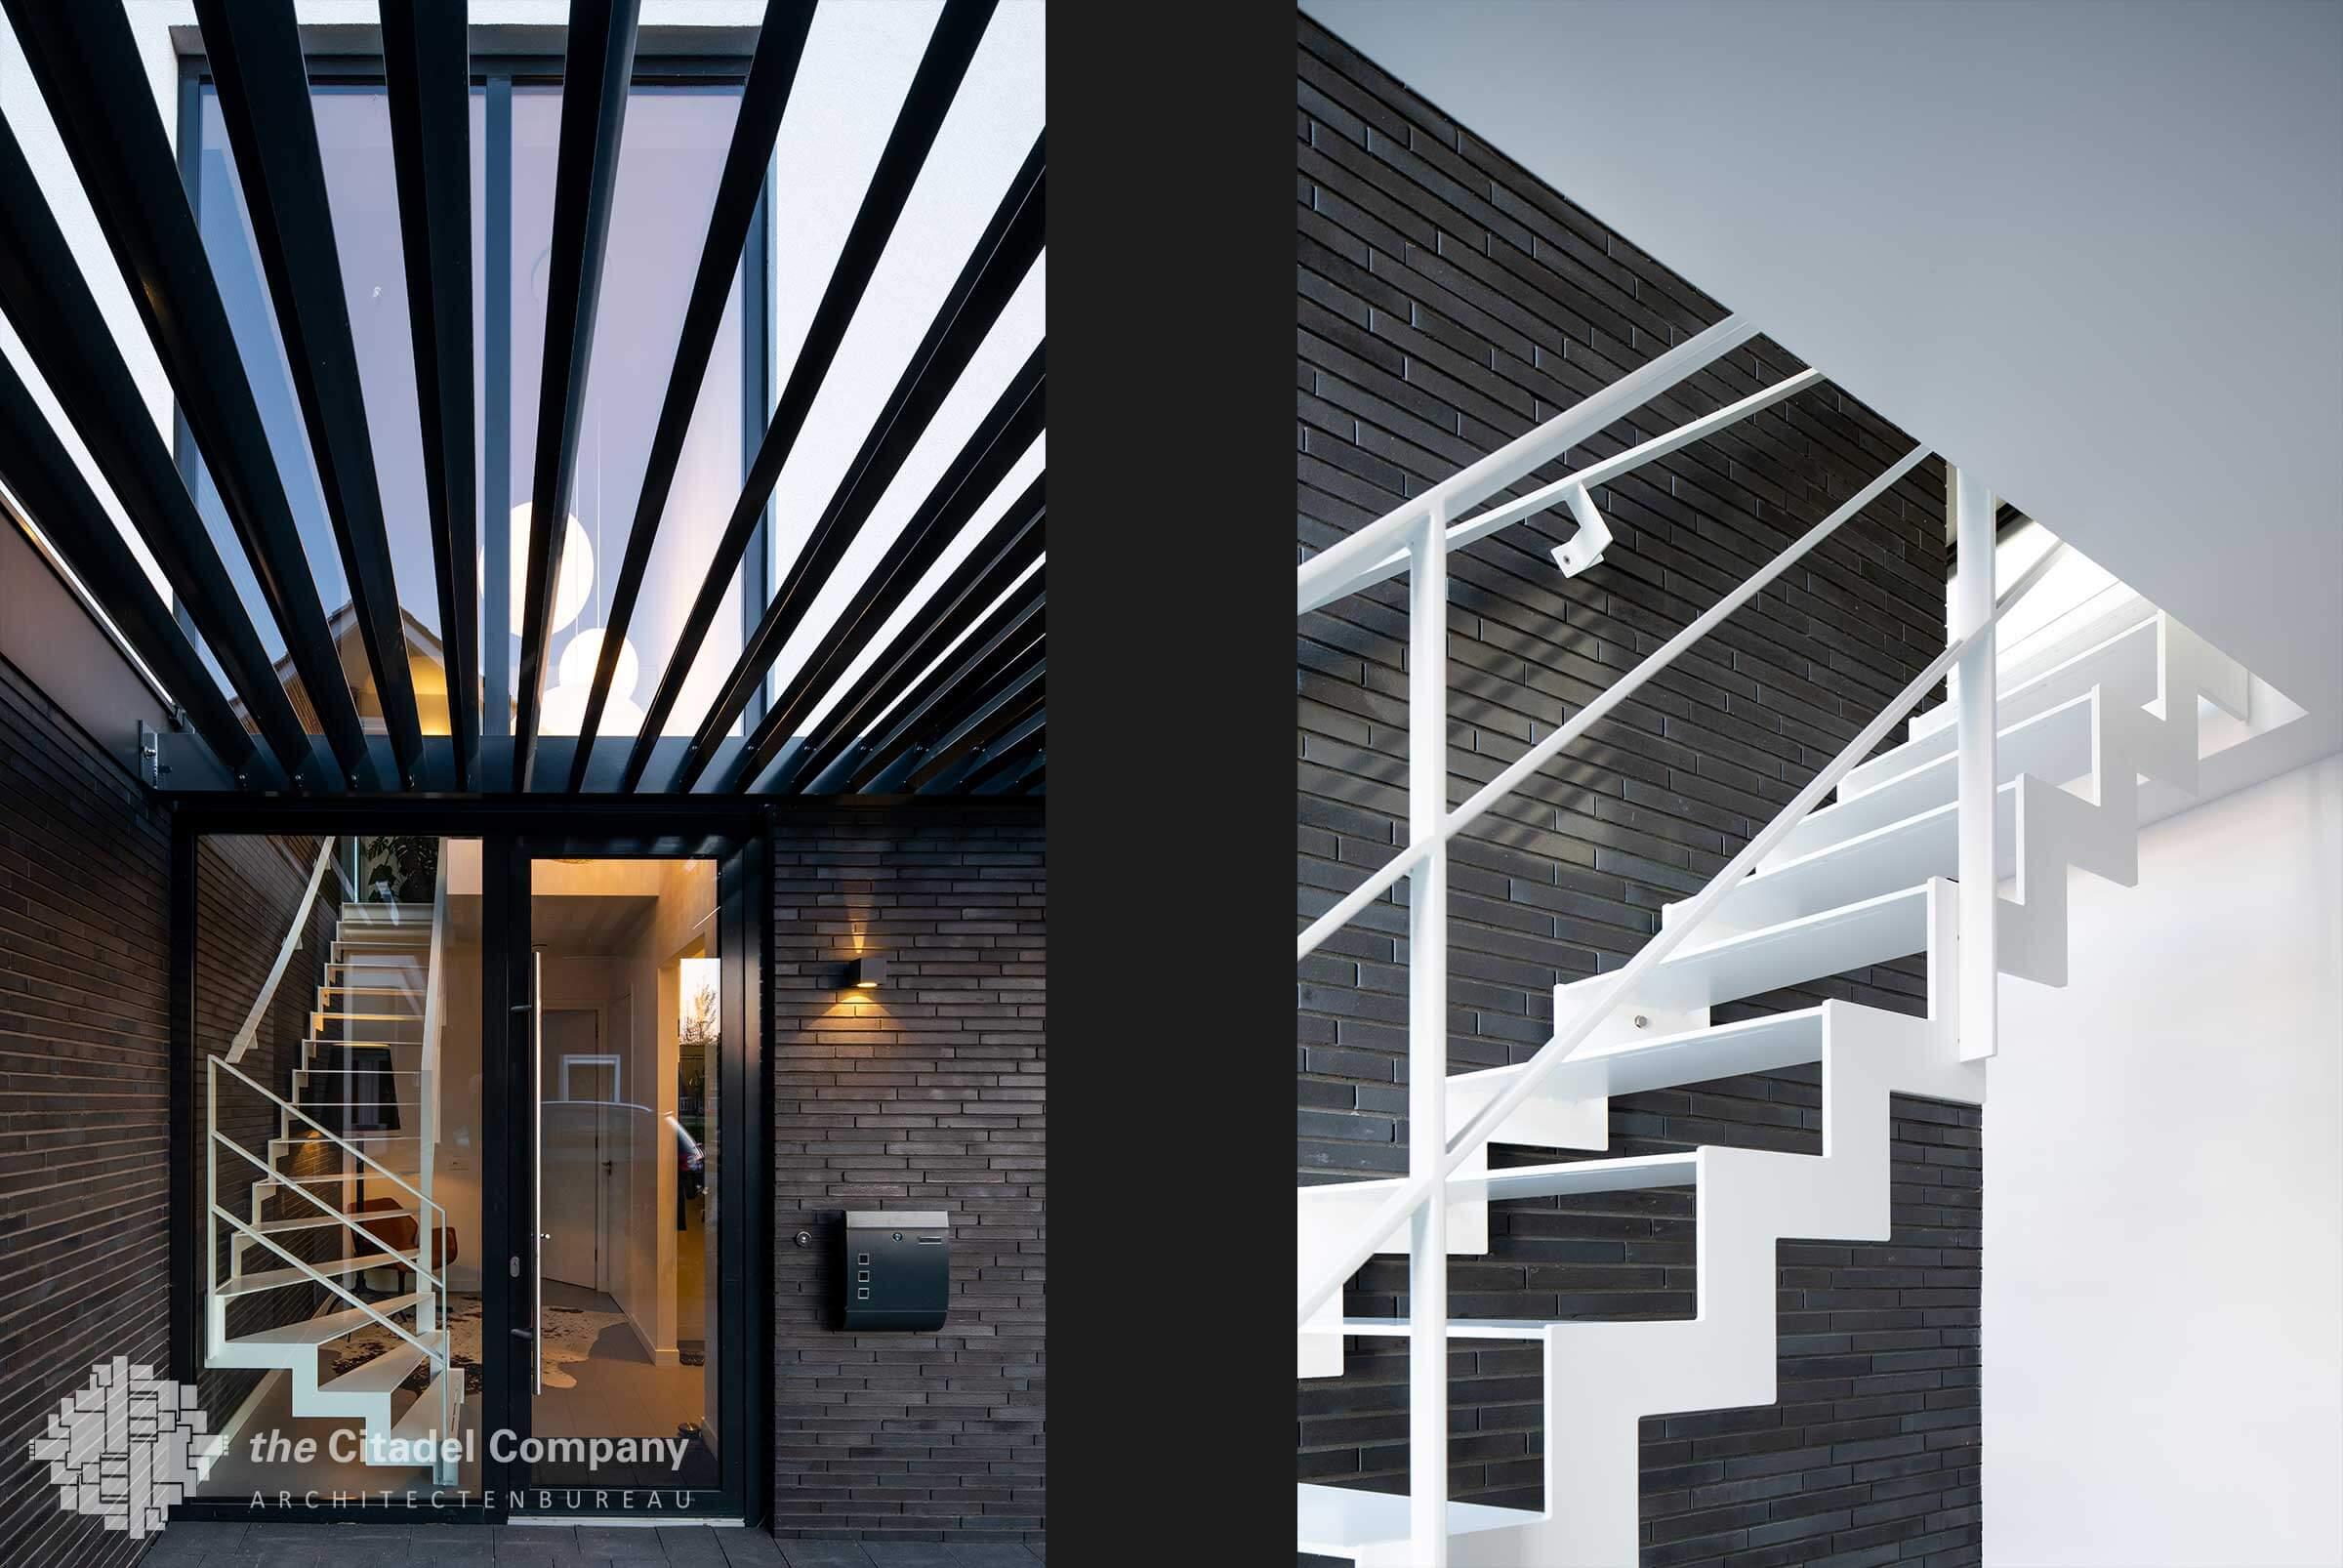 Moderne kubistische vrijstaande woning